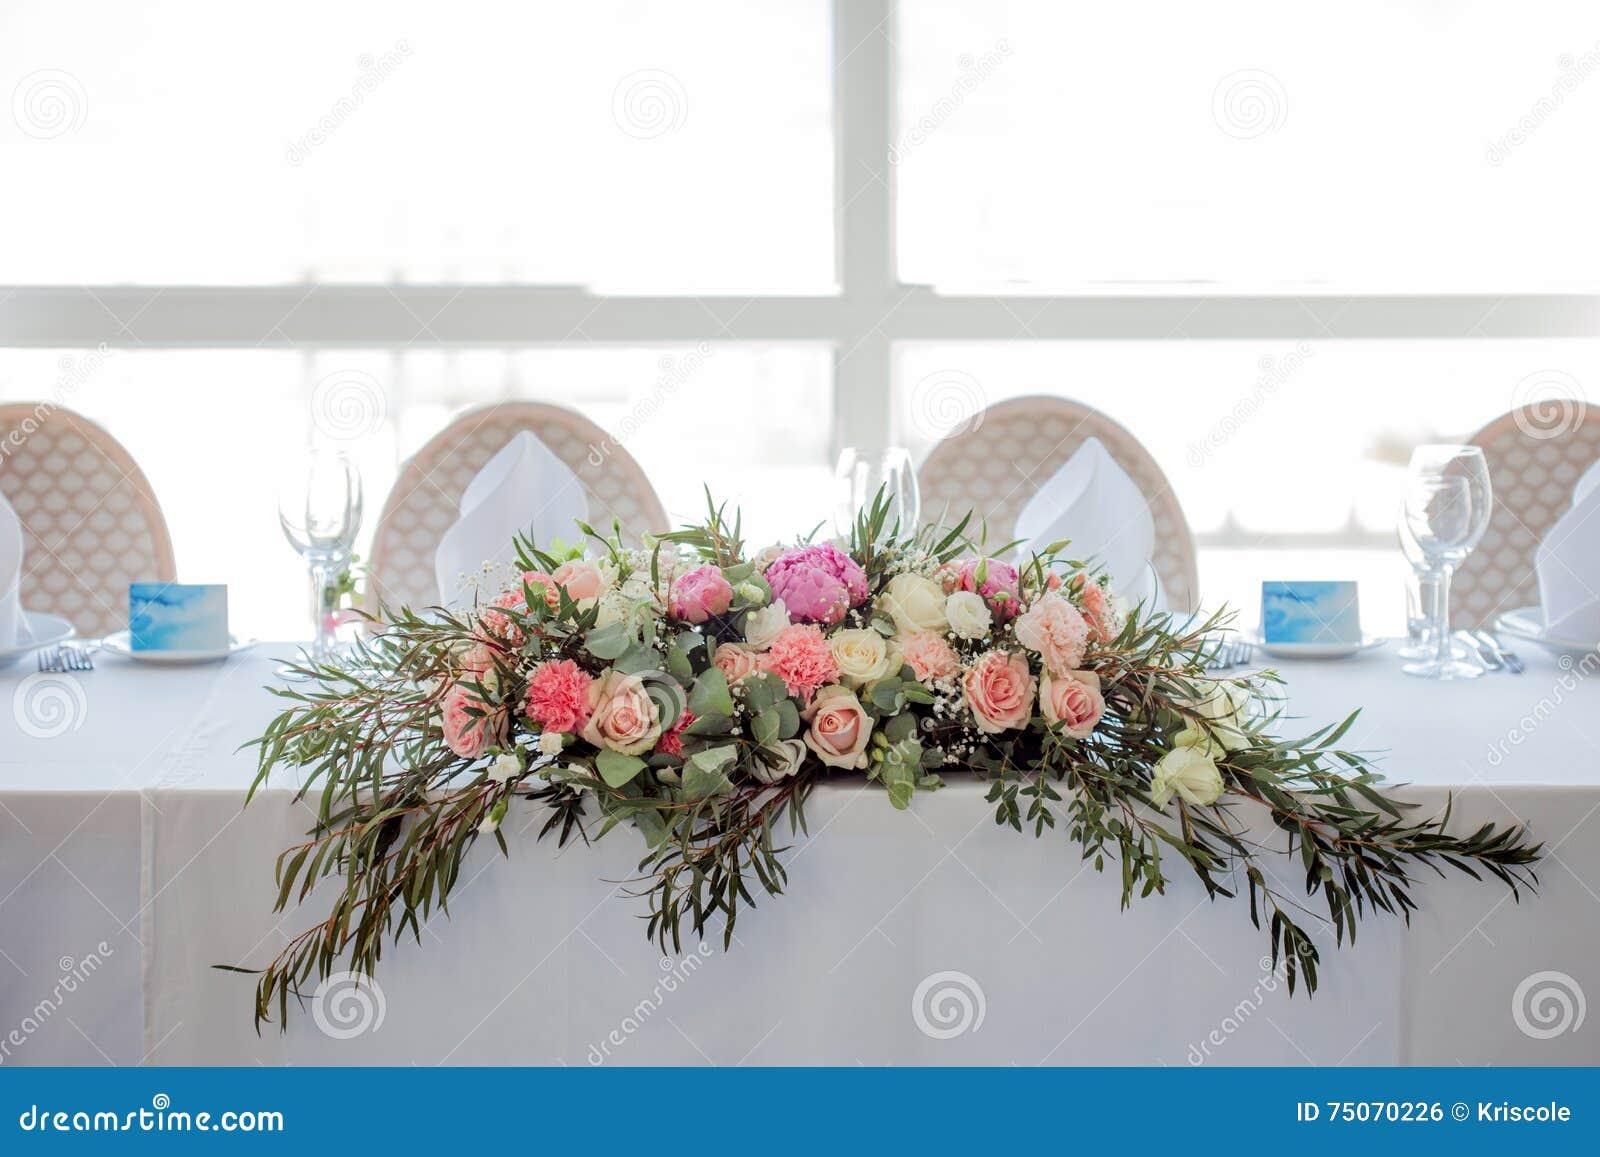 Blumenanordnung Auf Dem Tisch Blumen Und Weiße Tischdecke Hochzeit